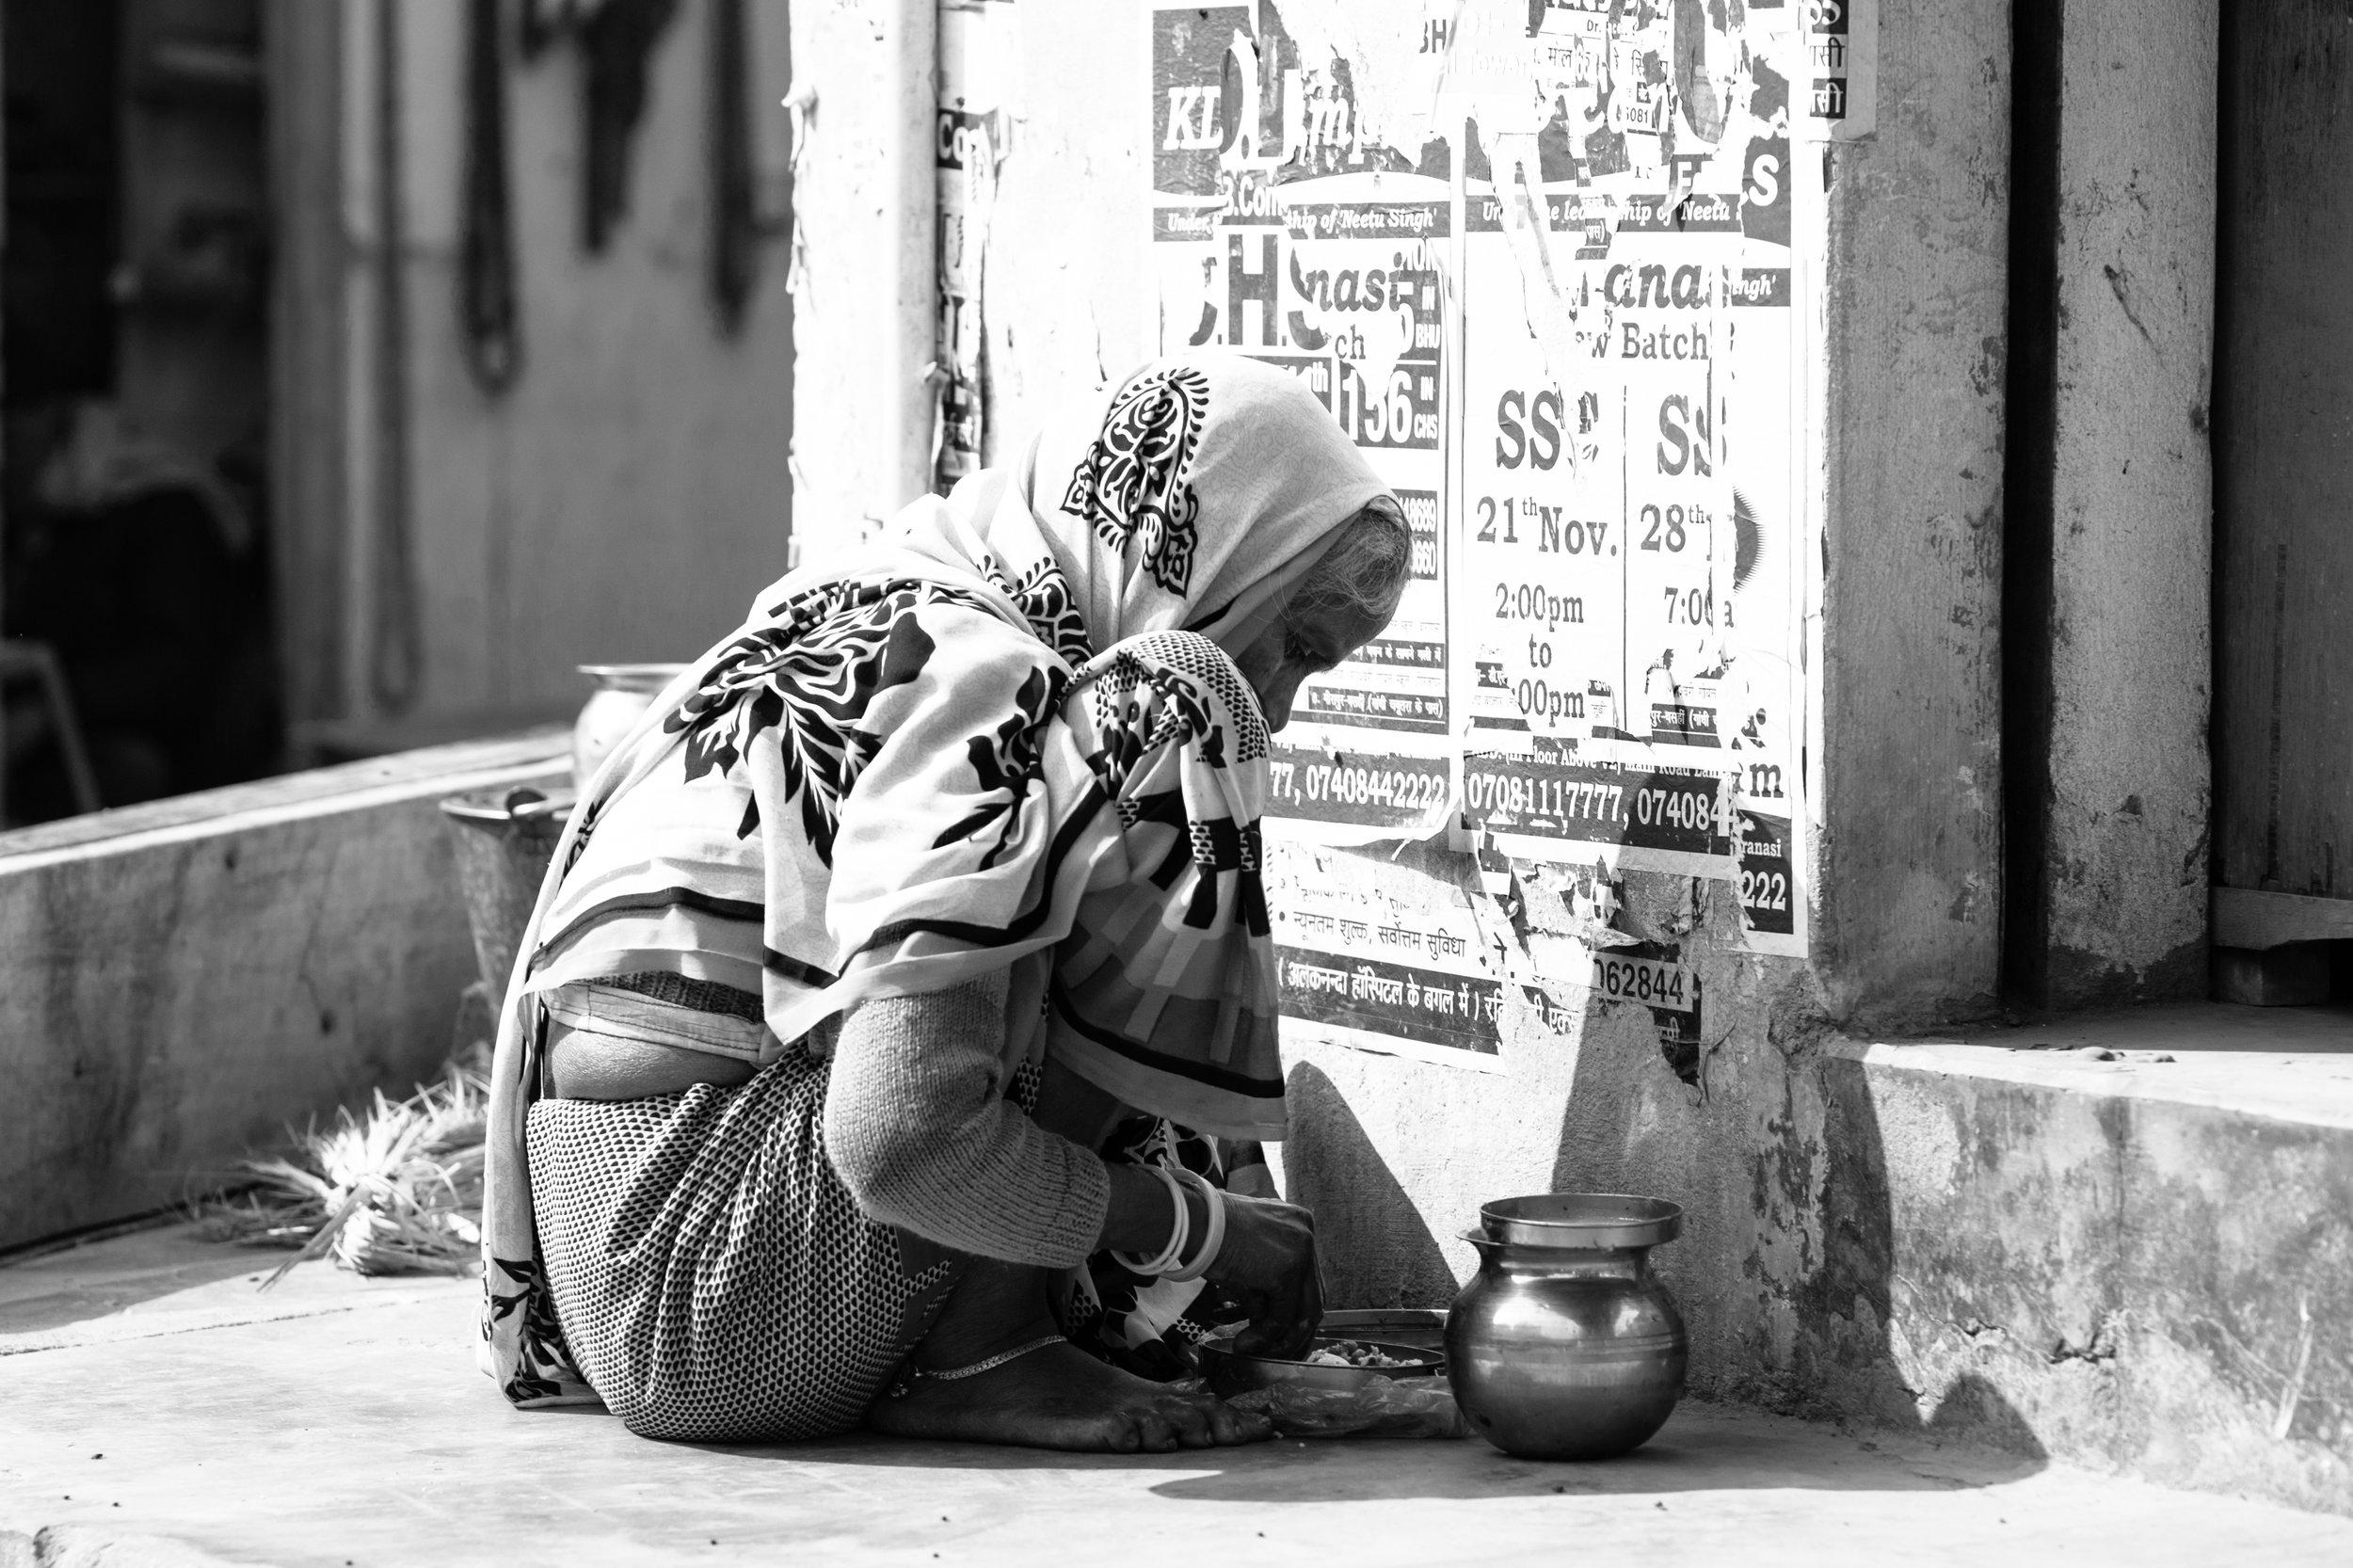 Varanasi_Morning Rituals_Greyscale_-1.jpg